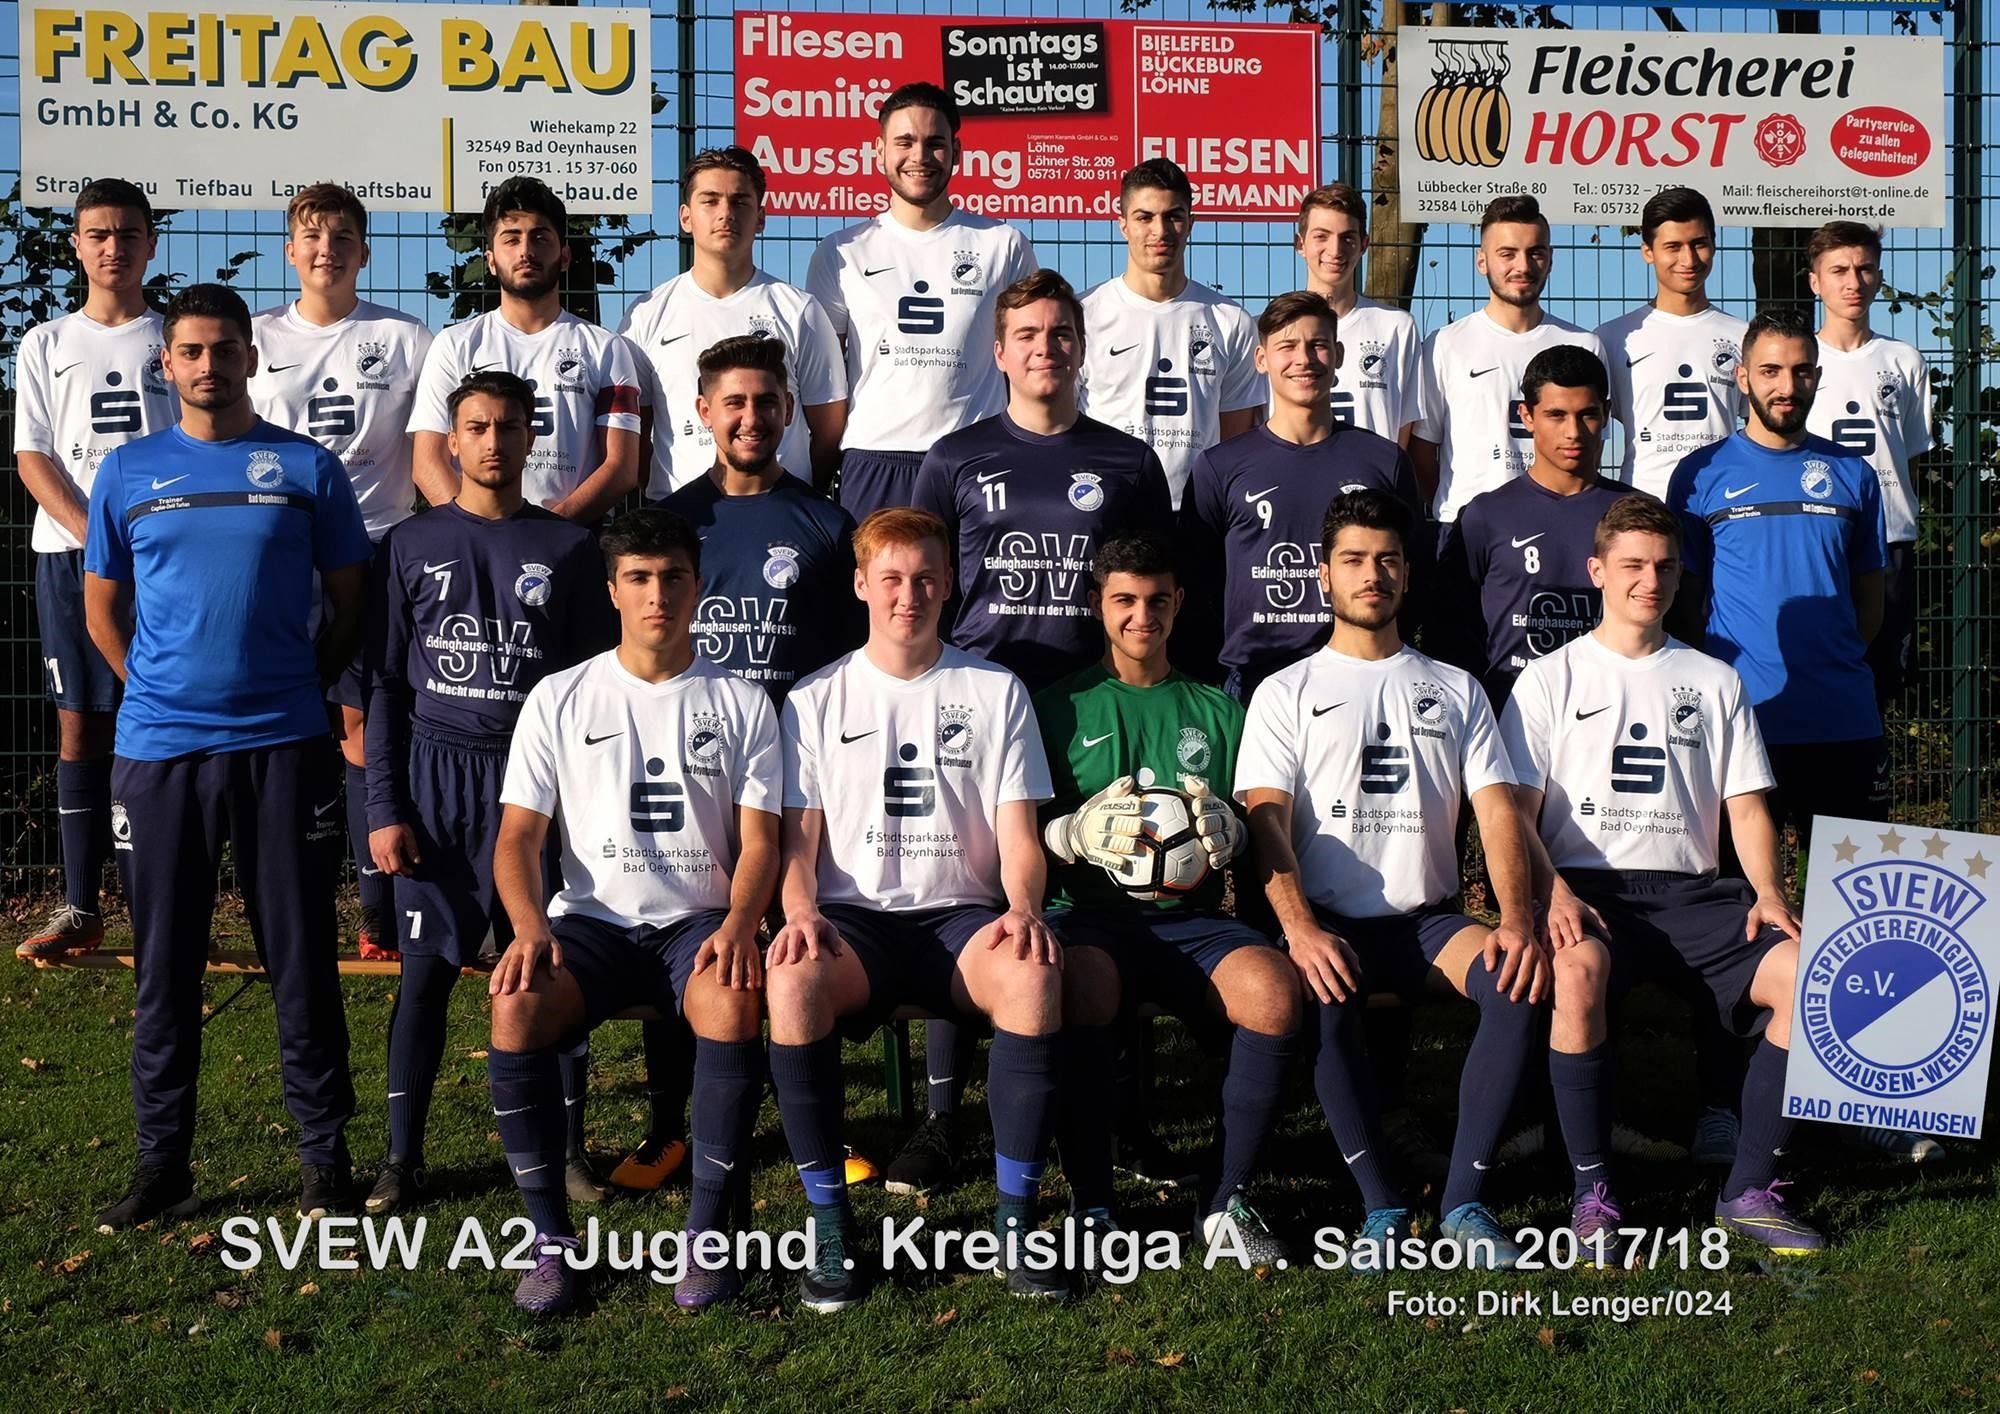 Mannschaftsfoto SVEW Bad Oeynhausen 2